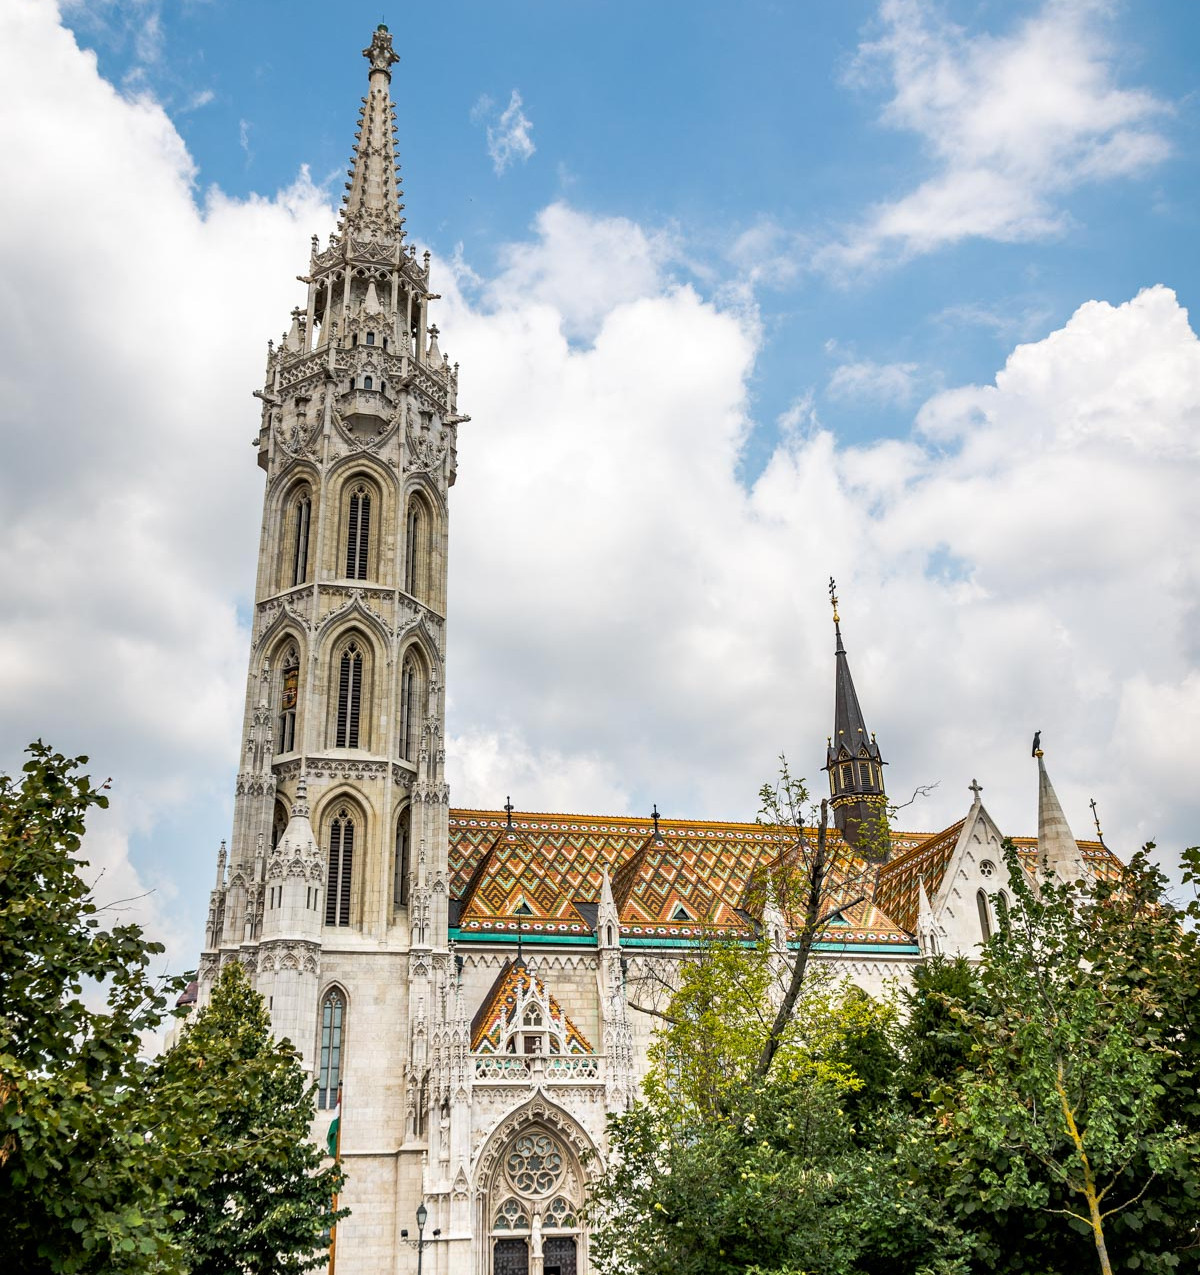 Eglise Mathias Budapest